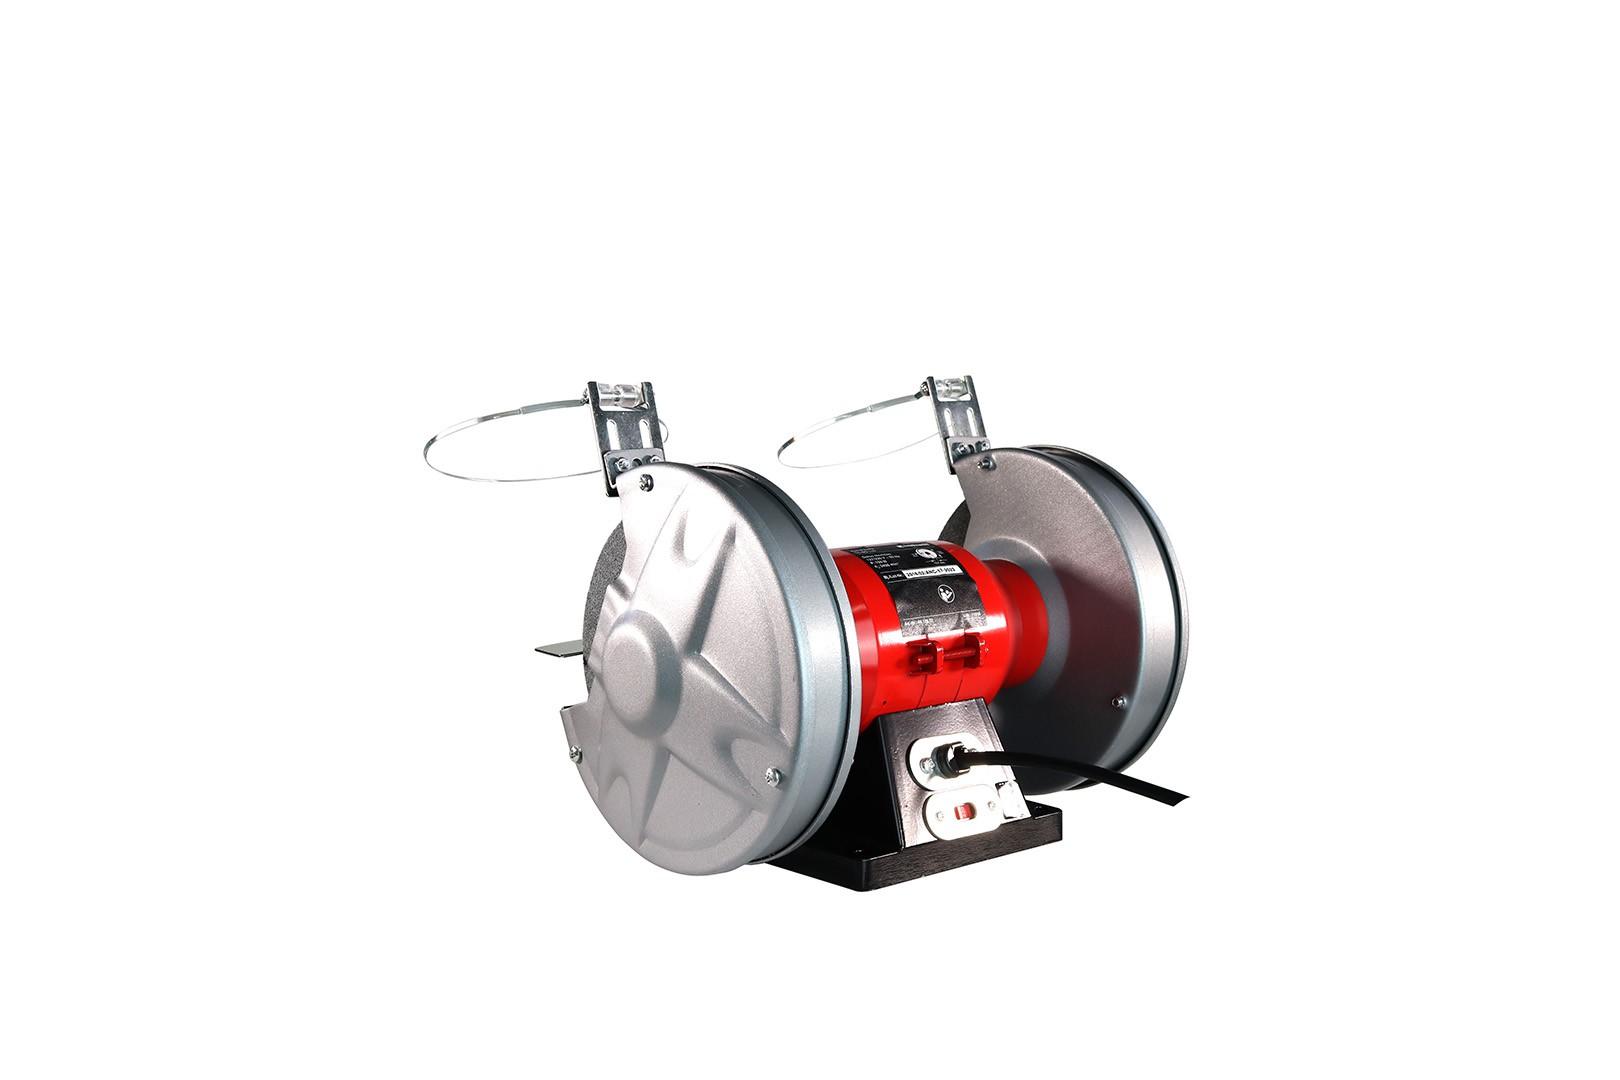 Motoesmeril 150W Bivolt TC-BG 150 - Einhell